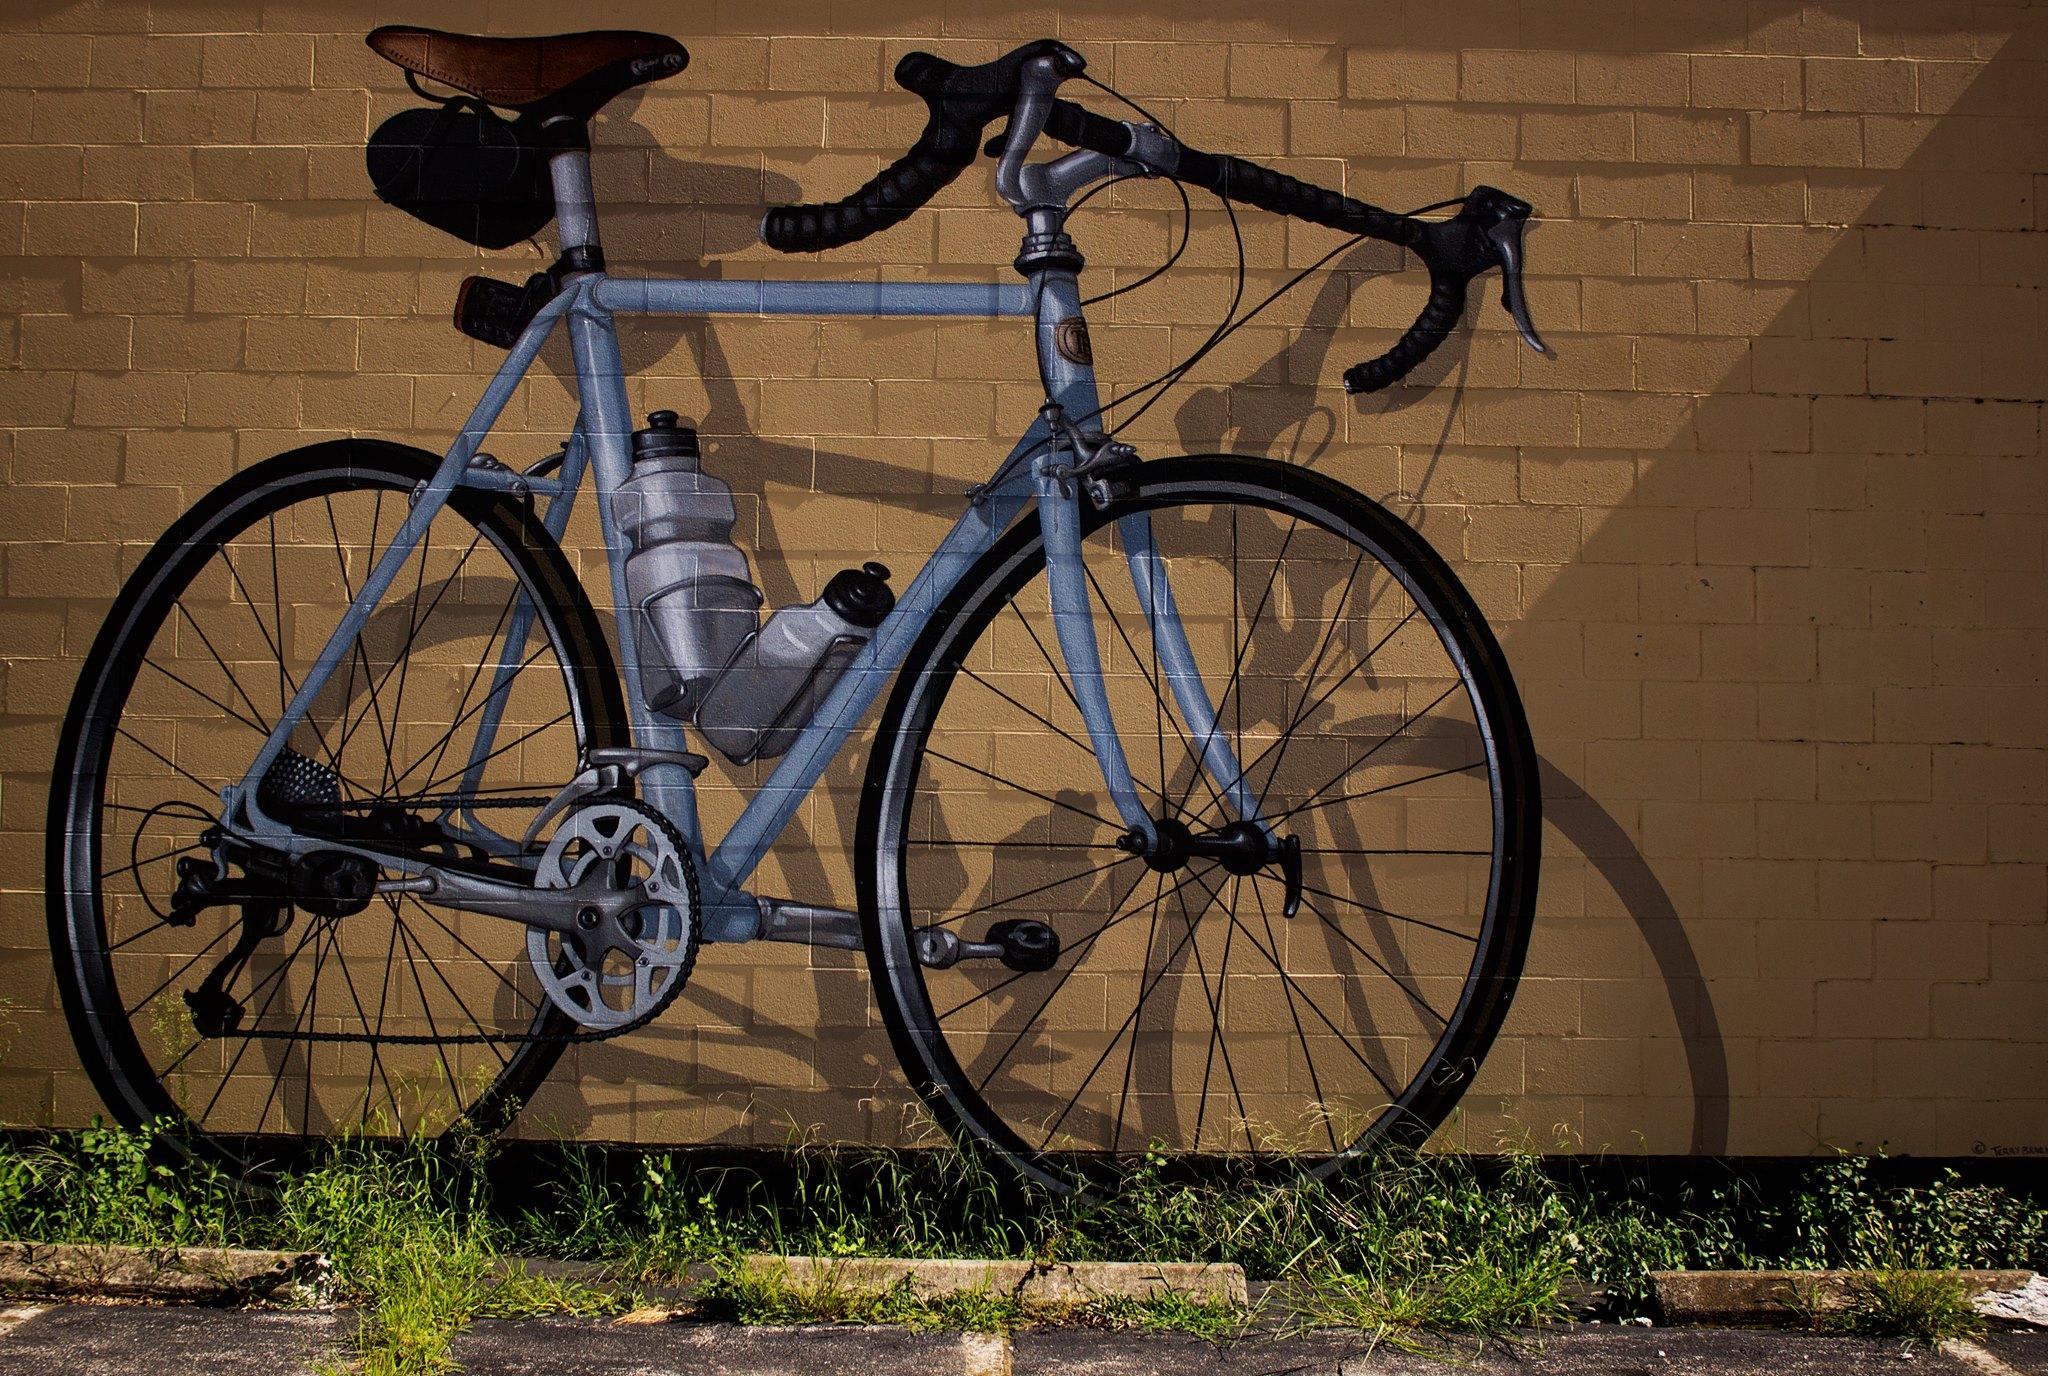 Big Bike Mural